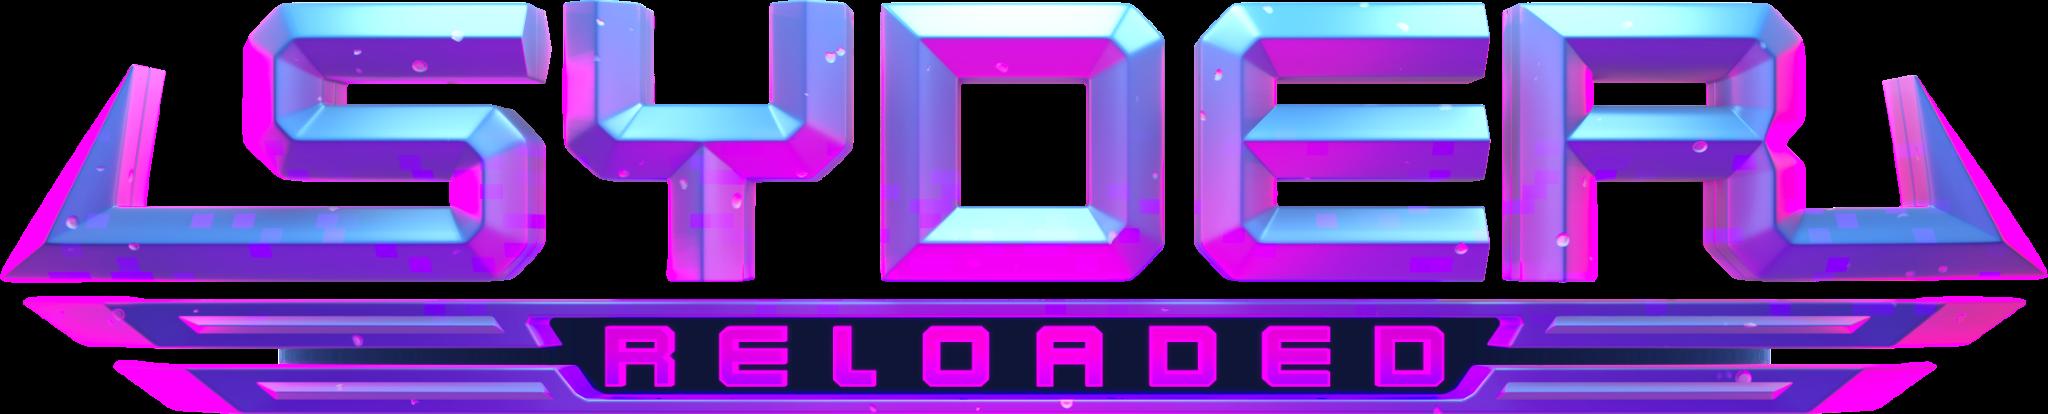 syder_reloaded_website_logo.png